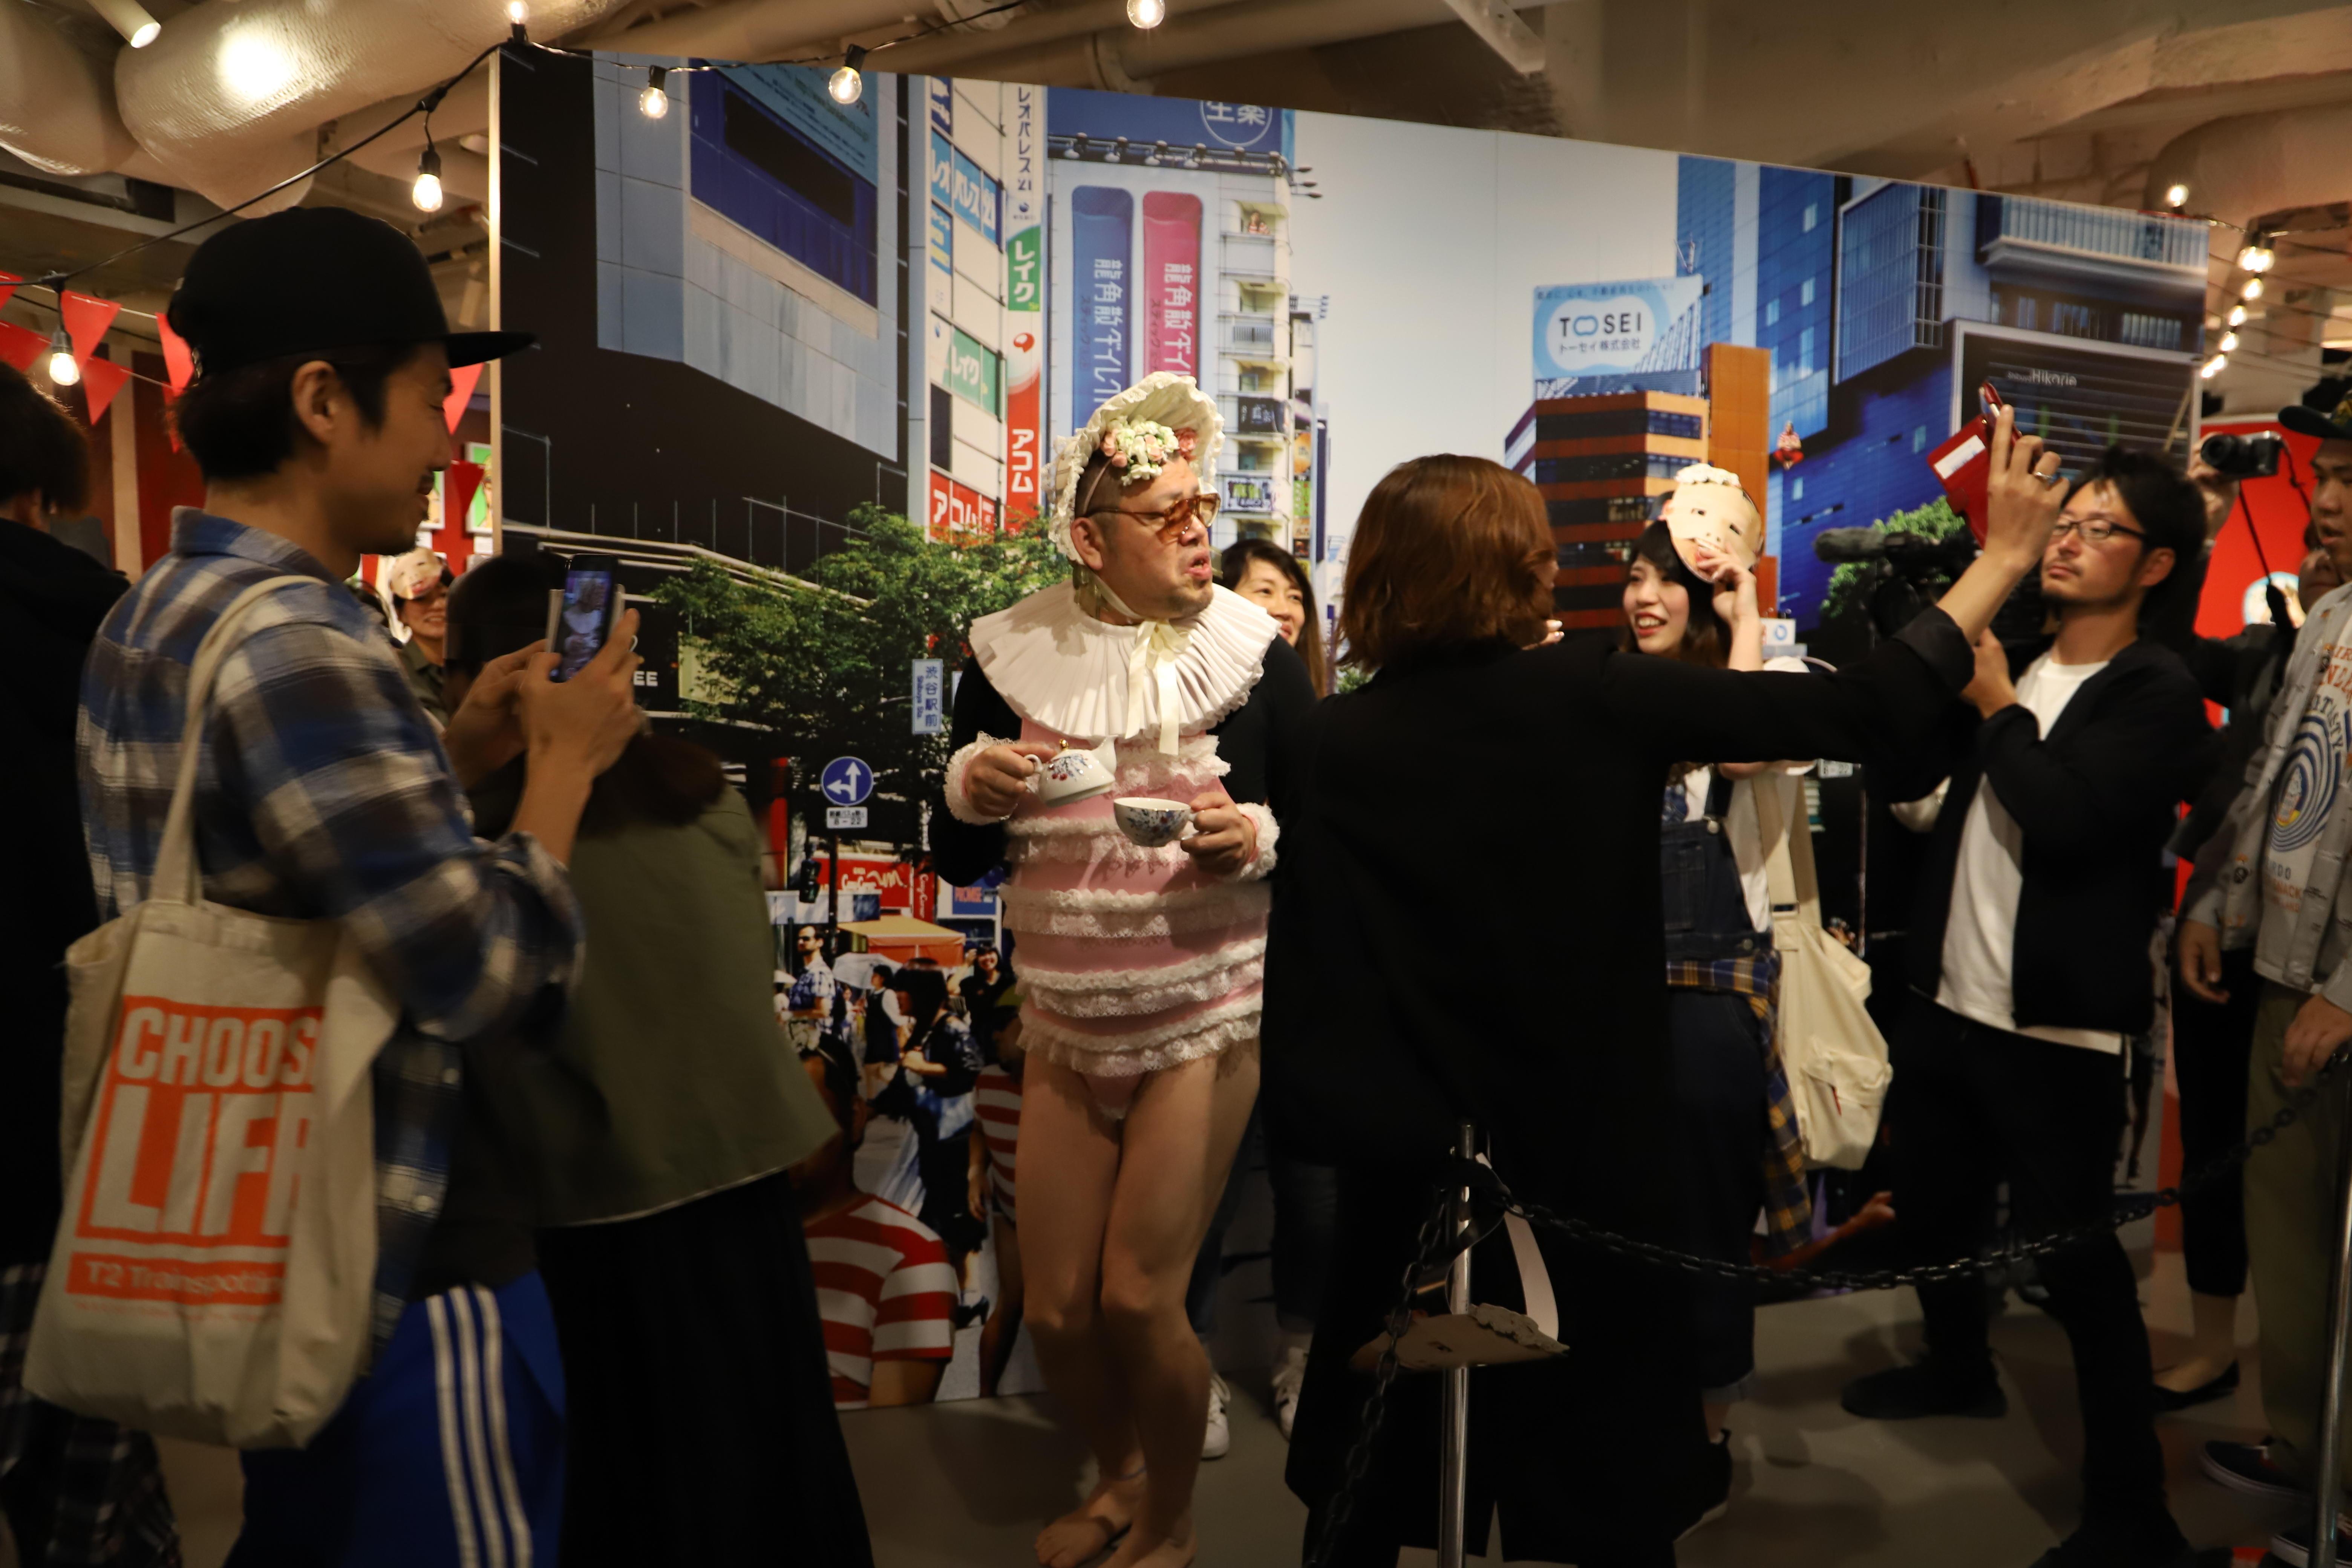 http://news.yoshimoto.co.jp/20180428114213-1e76f25dcb2d8e2ee461ecc64ecc73b7b9dee759.jpg